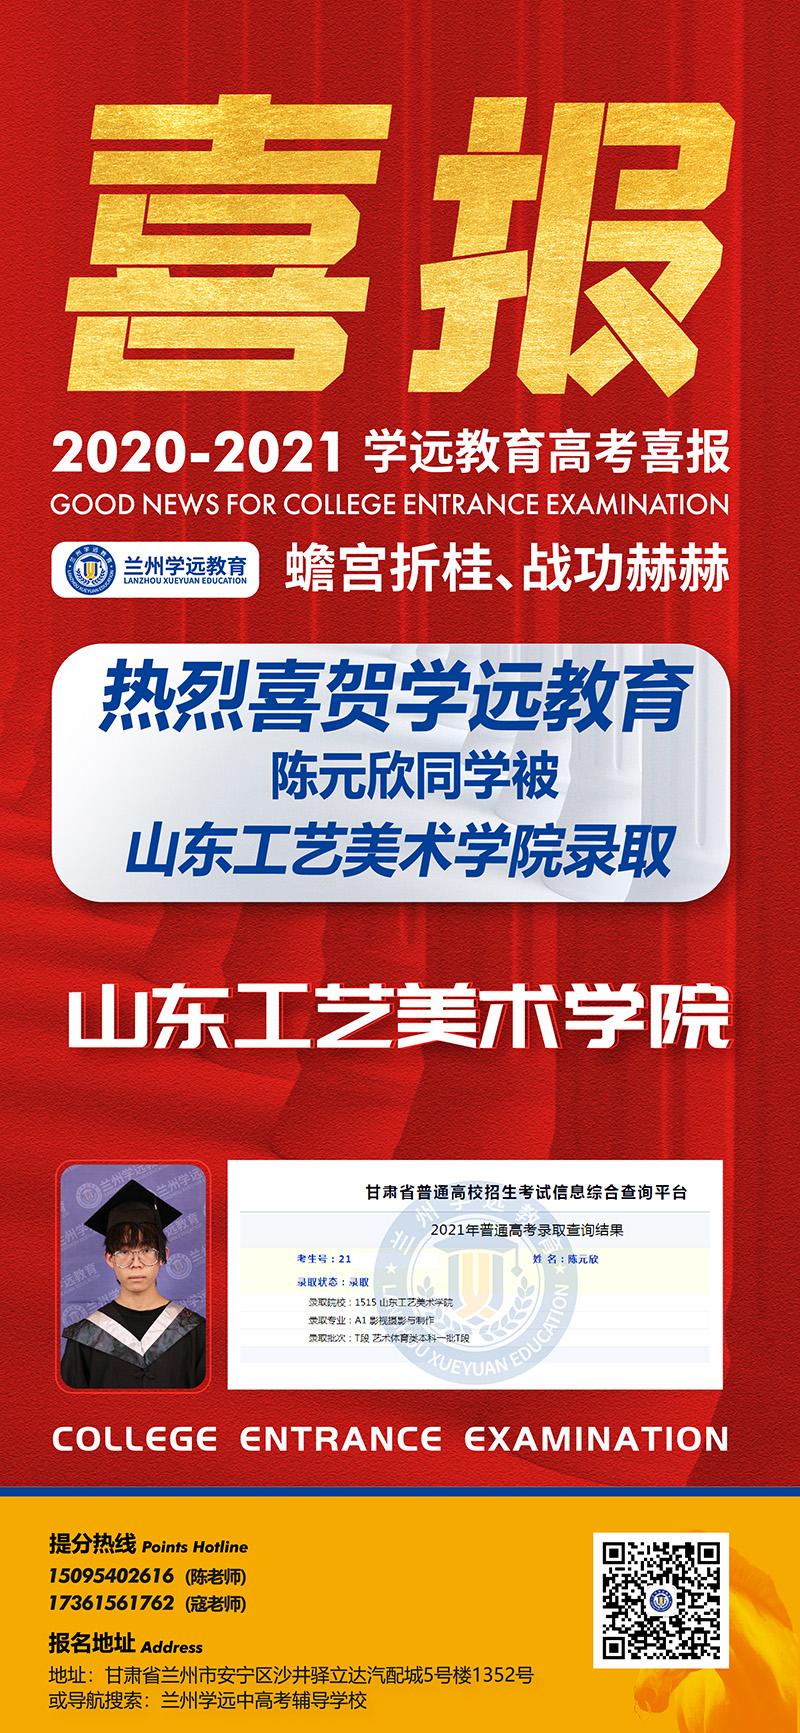 陈元欣同学被山东工艺美术学院录取